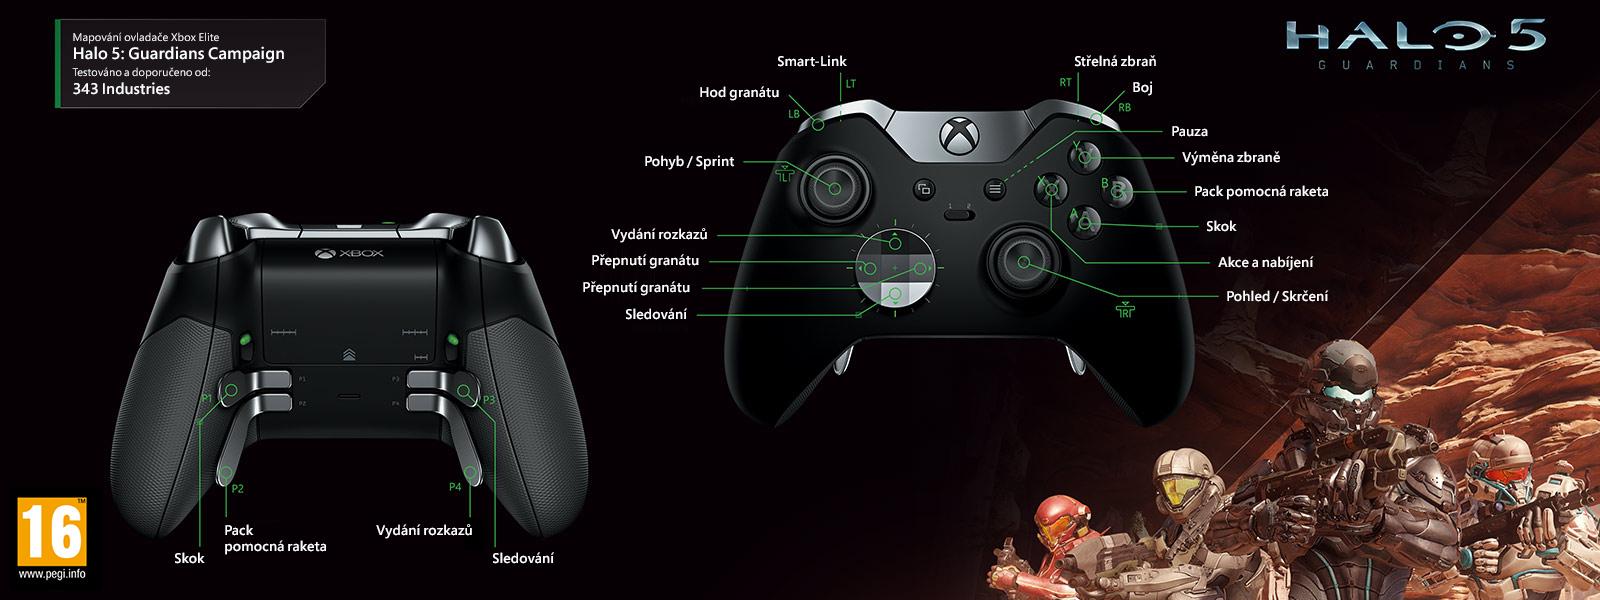 Halo 5: Guardians – elitní mapování kampaní